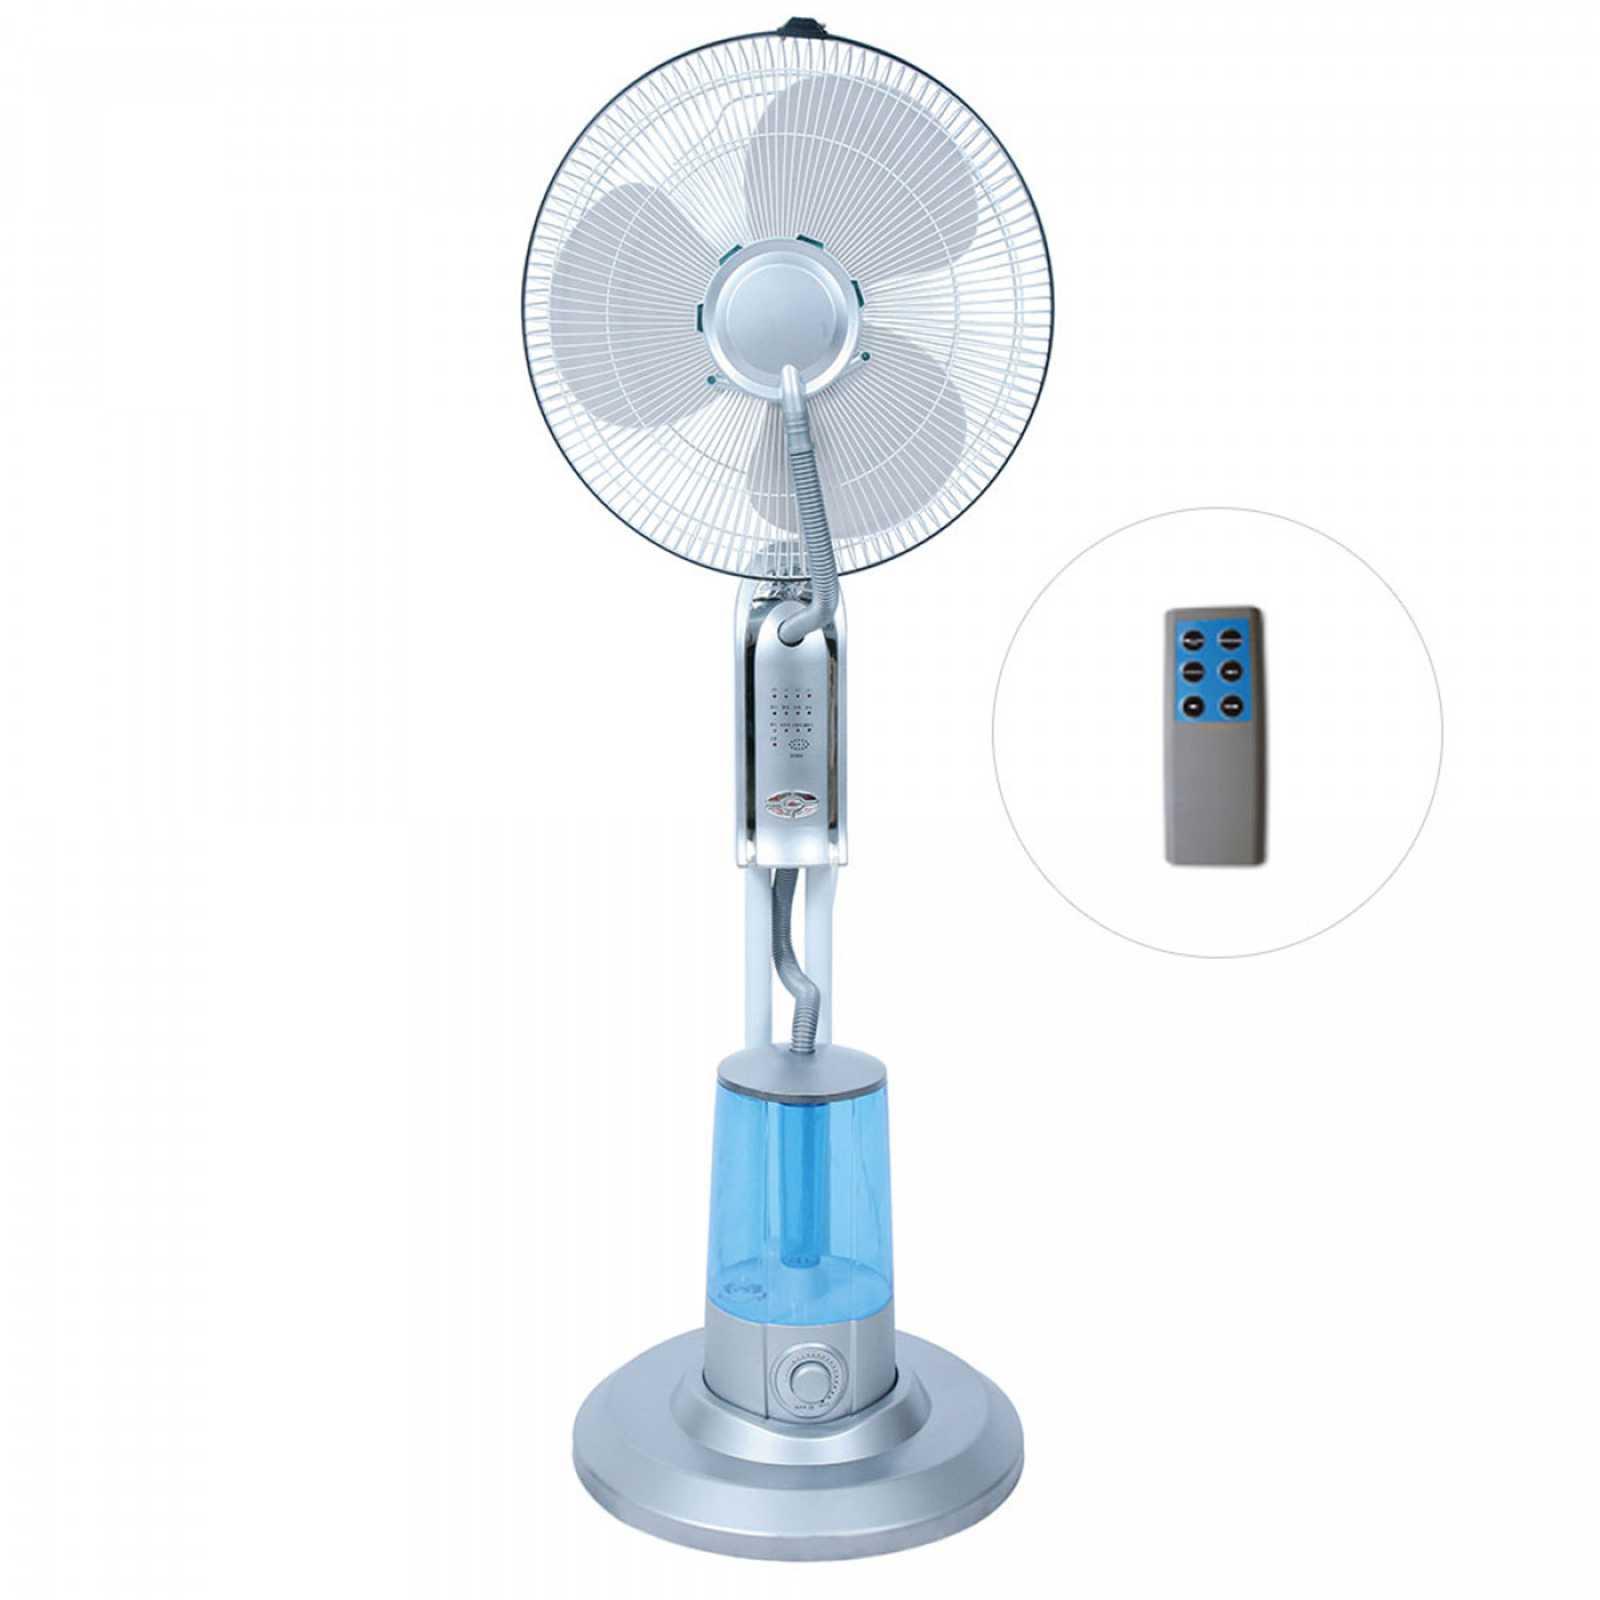 Ventilatore nebulizzatore con telecomando Rugiada 75 W struttura in abs e acciaio